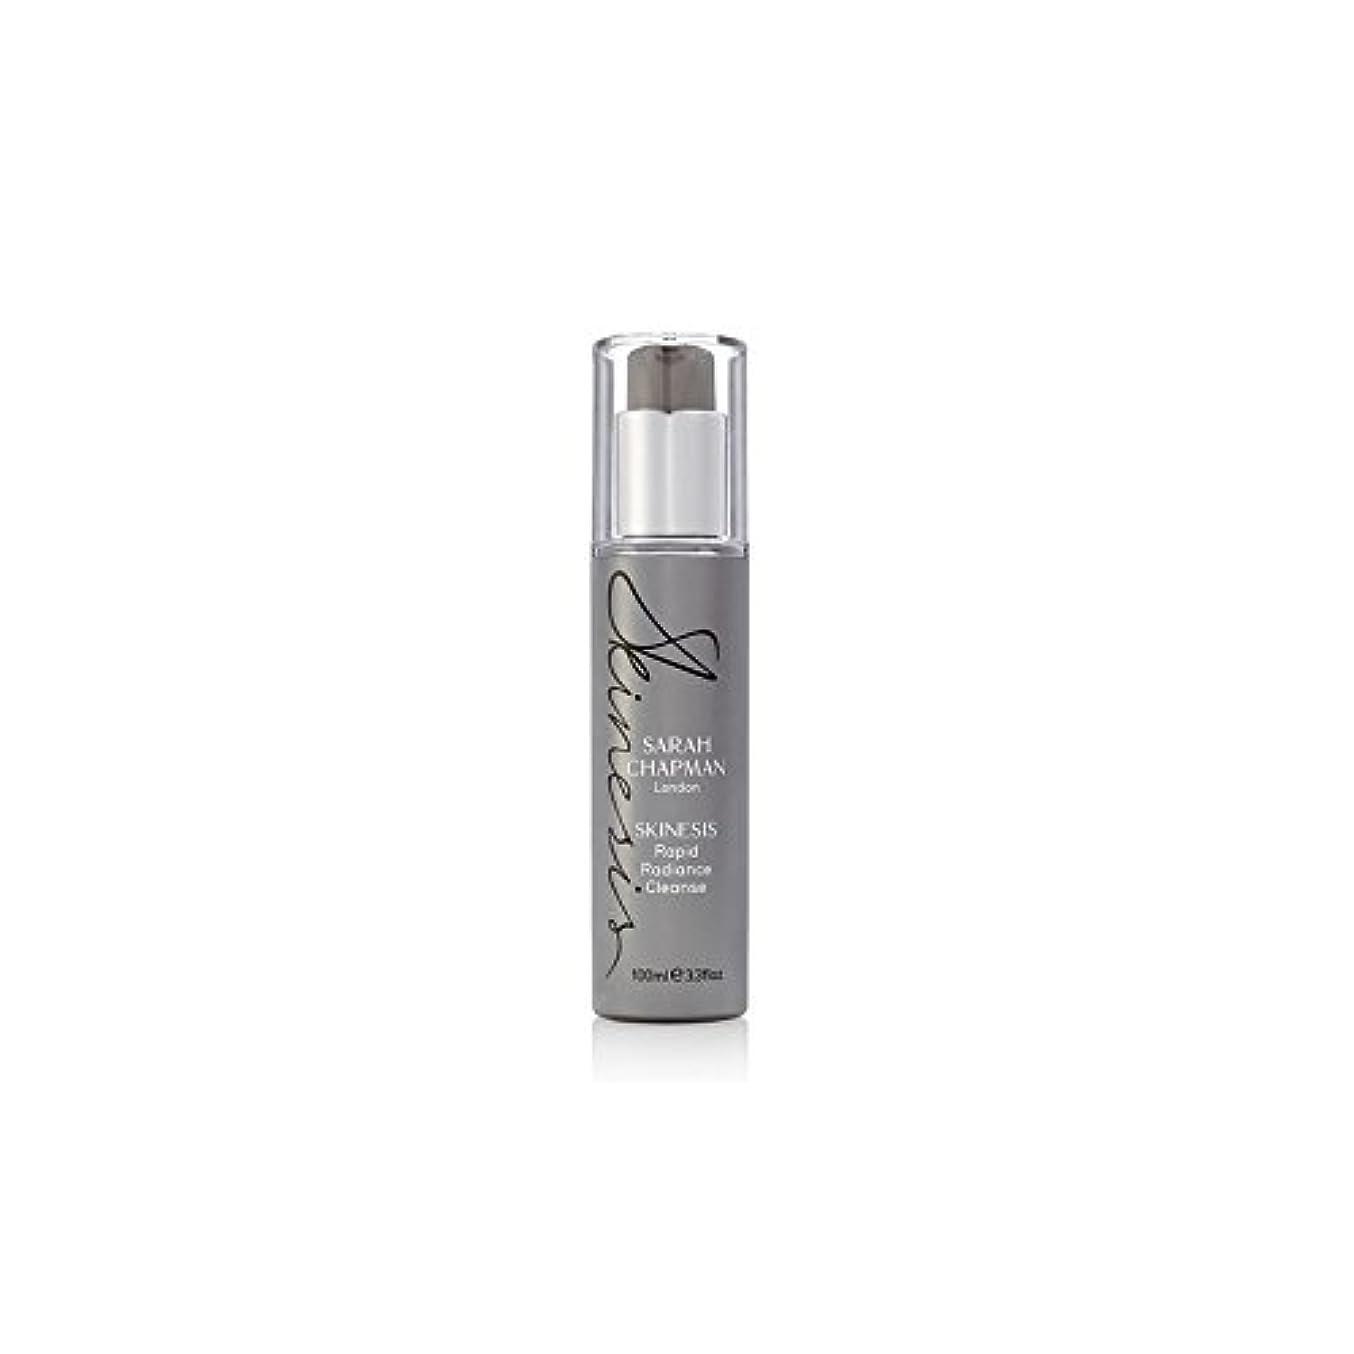 忌避剤代わりの征服するSarah Chapman Skinesis Rapid Radiance Cleanse (100ml) - サラ?チャップマン迅速な輝きの浄化(100ミリリットル) [並行輸入品]